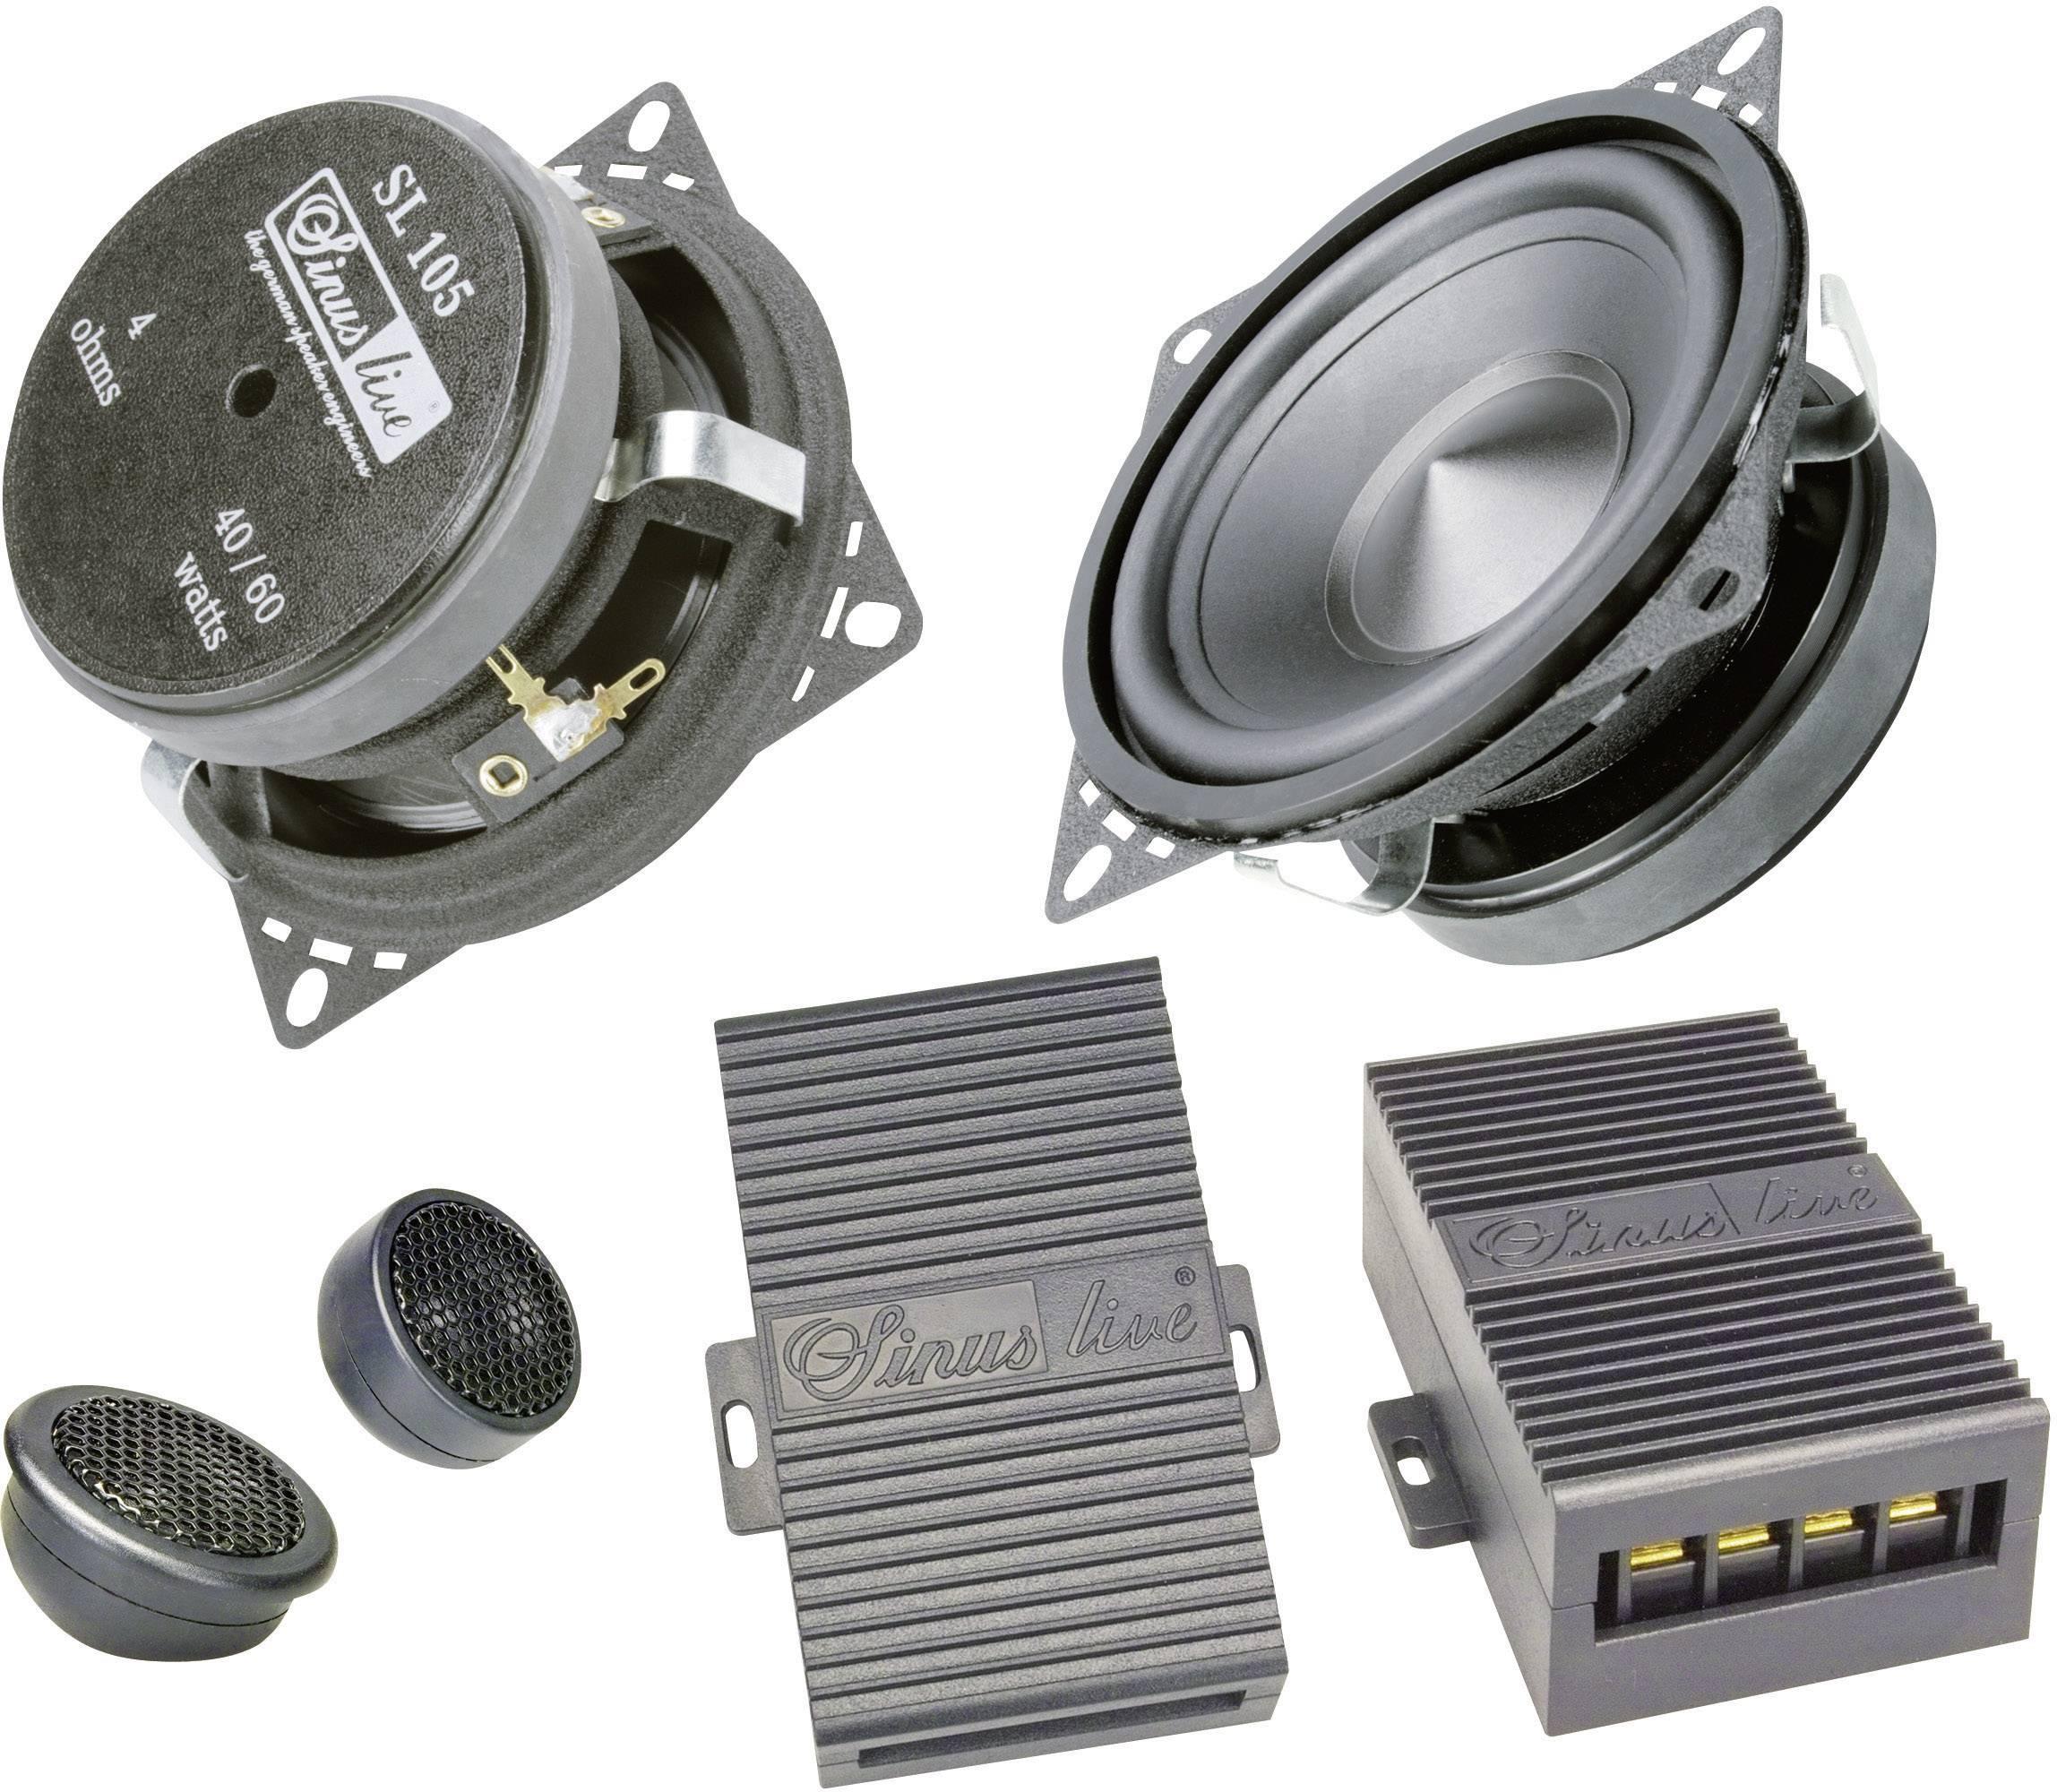 Komponentní autoreproduktor SinusLive SL-105, 100 W